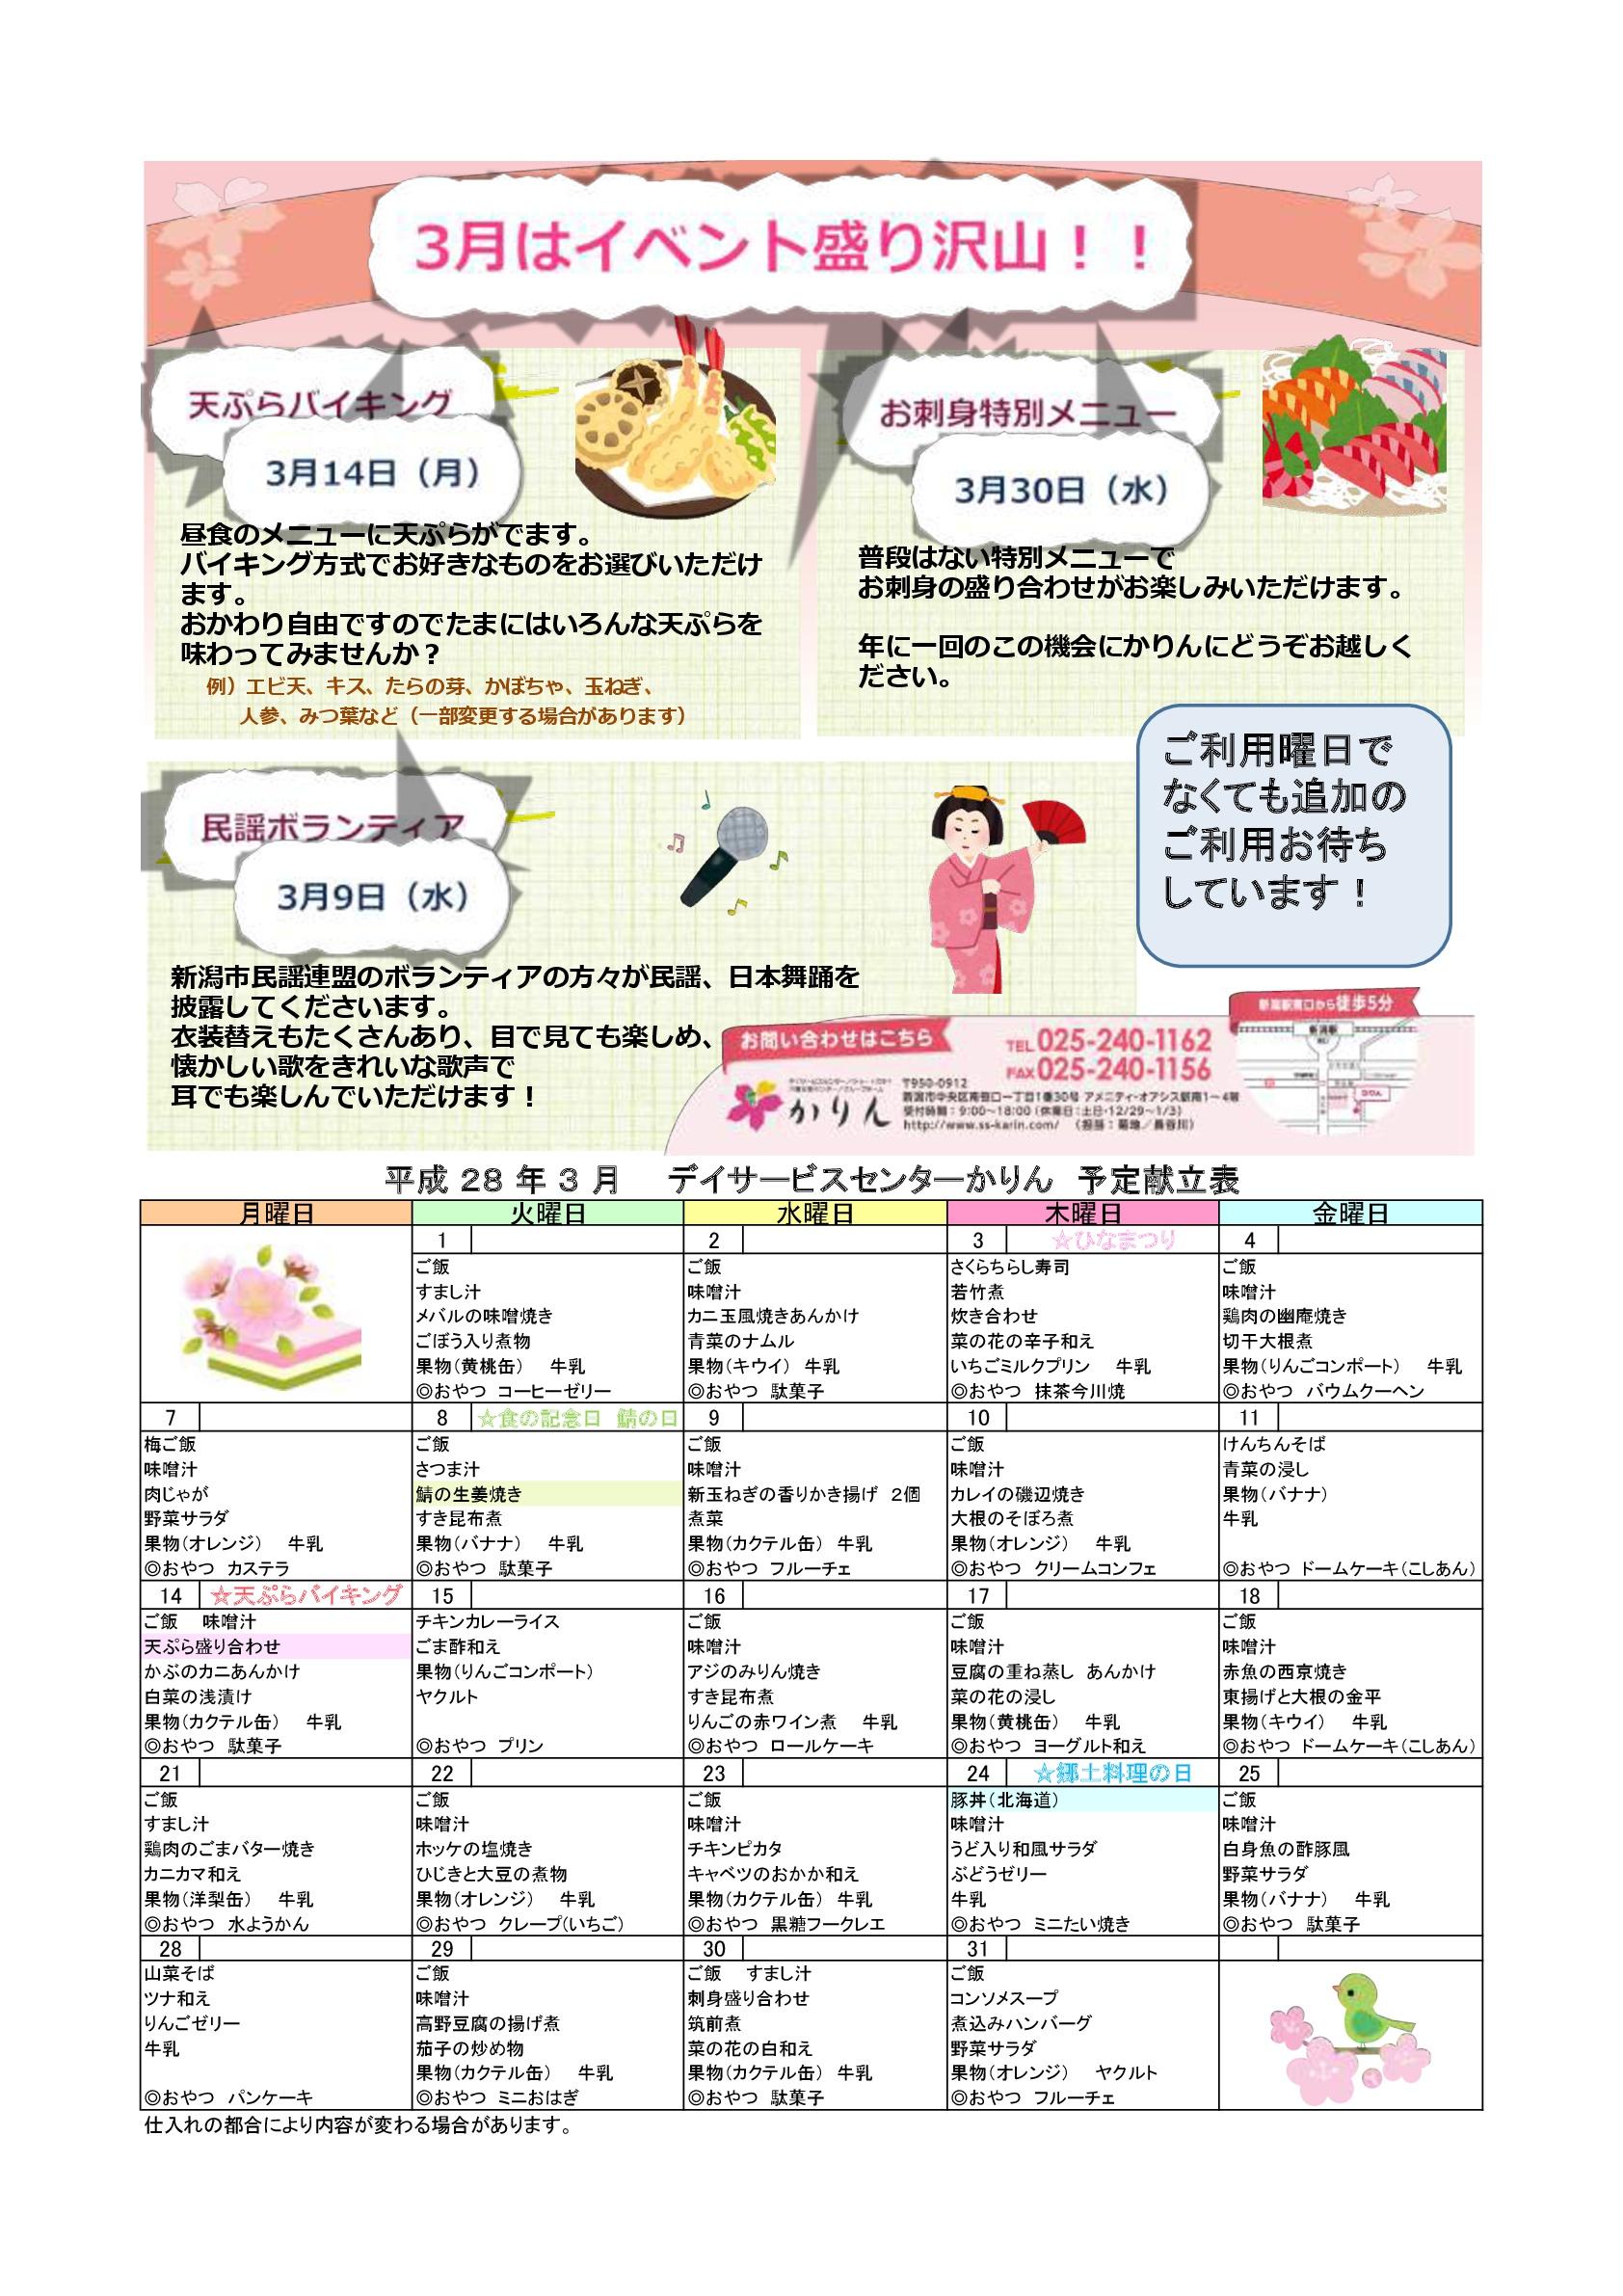 201603月かわら版「3月はイベント盛り沢山!!」裏